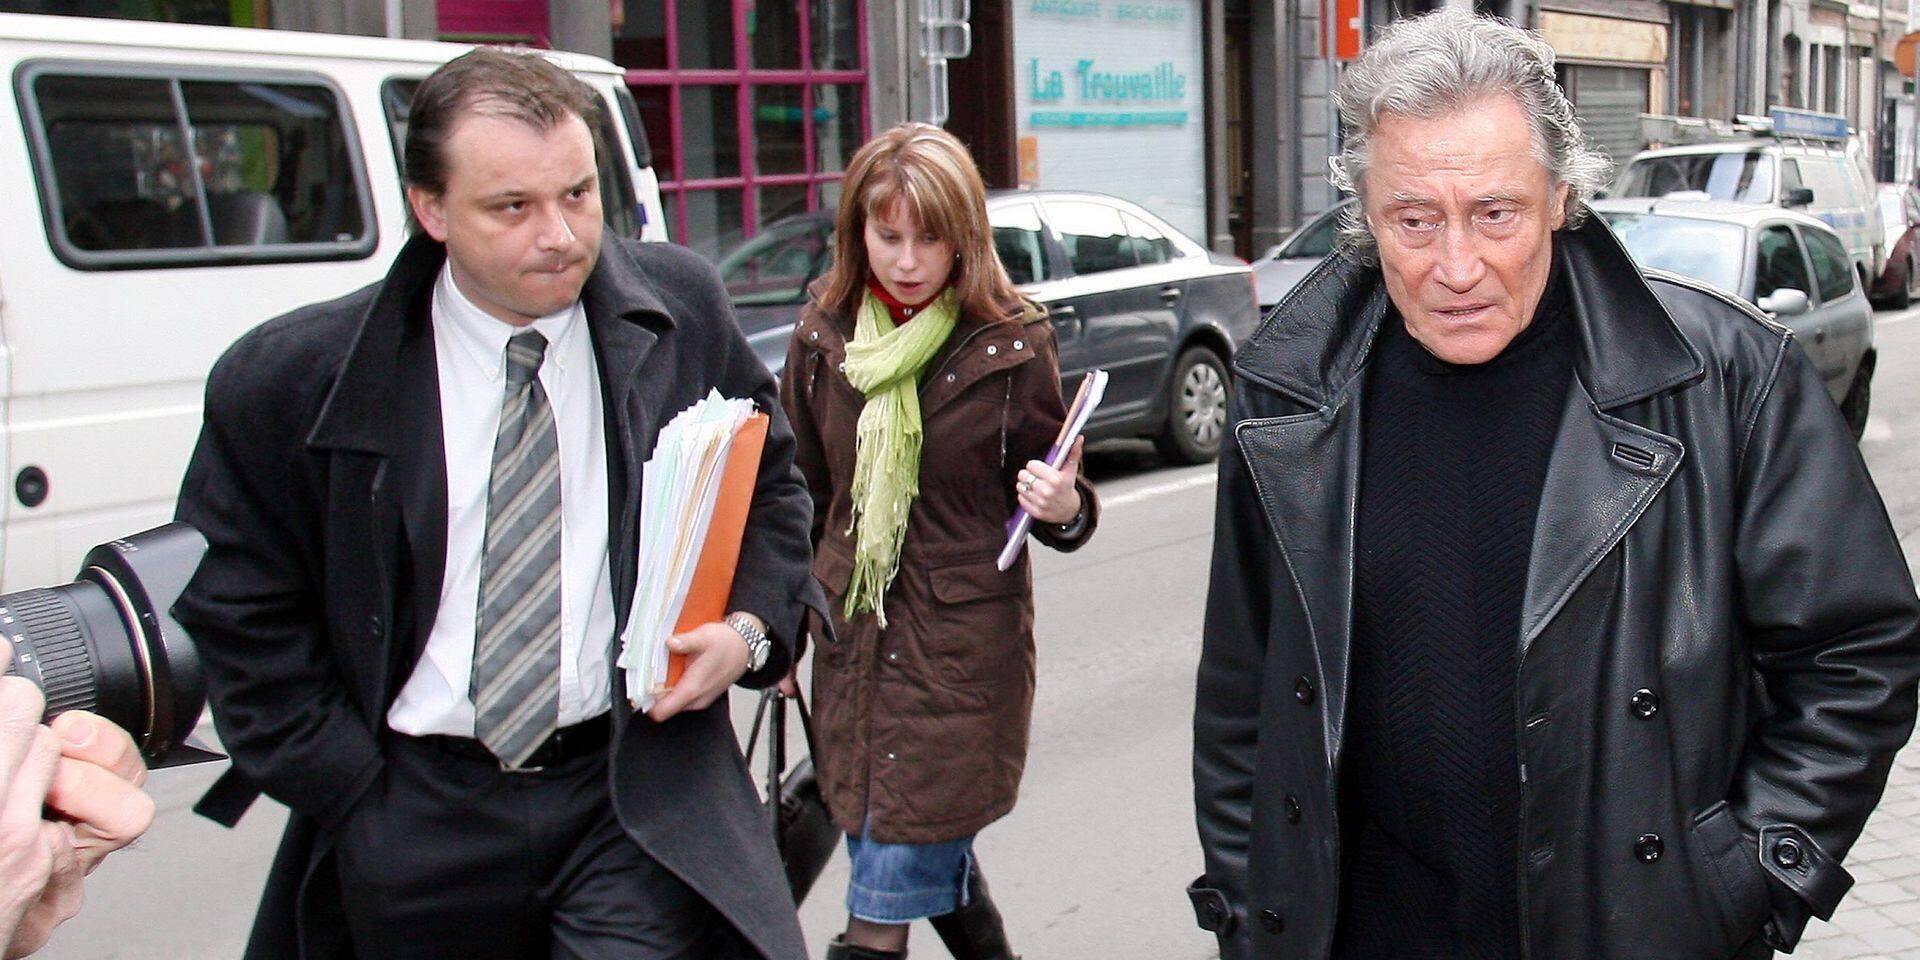 Un ancien avocat, qui avait des problèmes d'alcool, condamné pour détournement: il devait rendre l'argent à ses clients